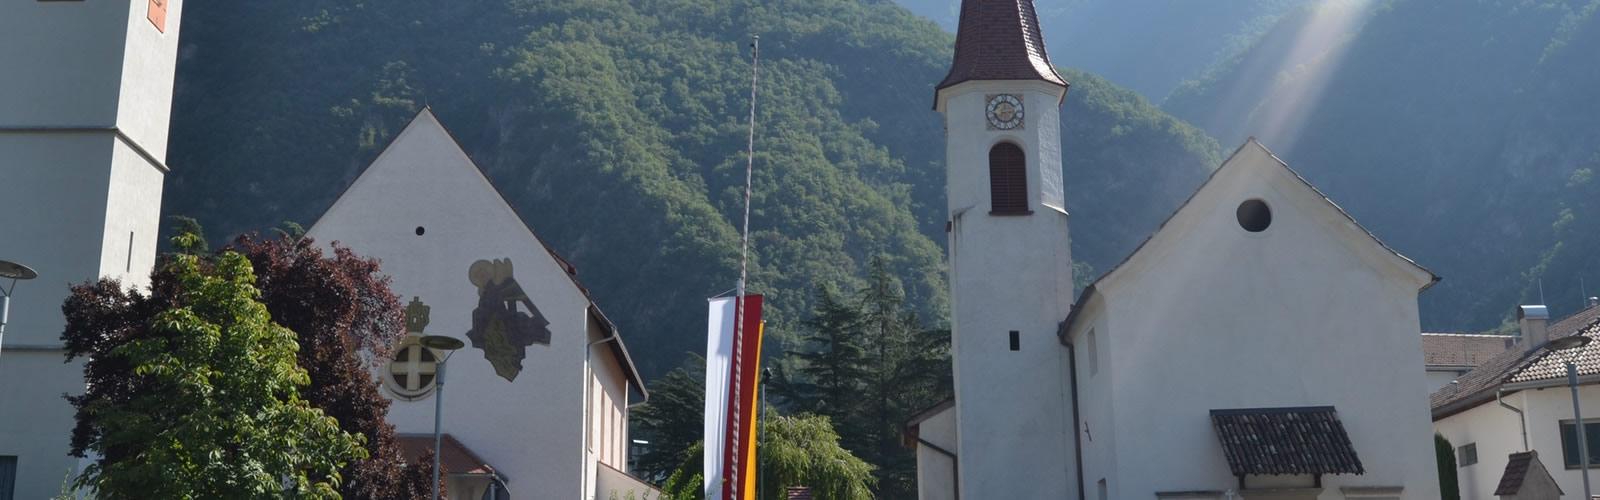 Pfarrkirche Vilpian